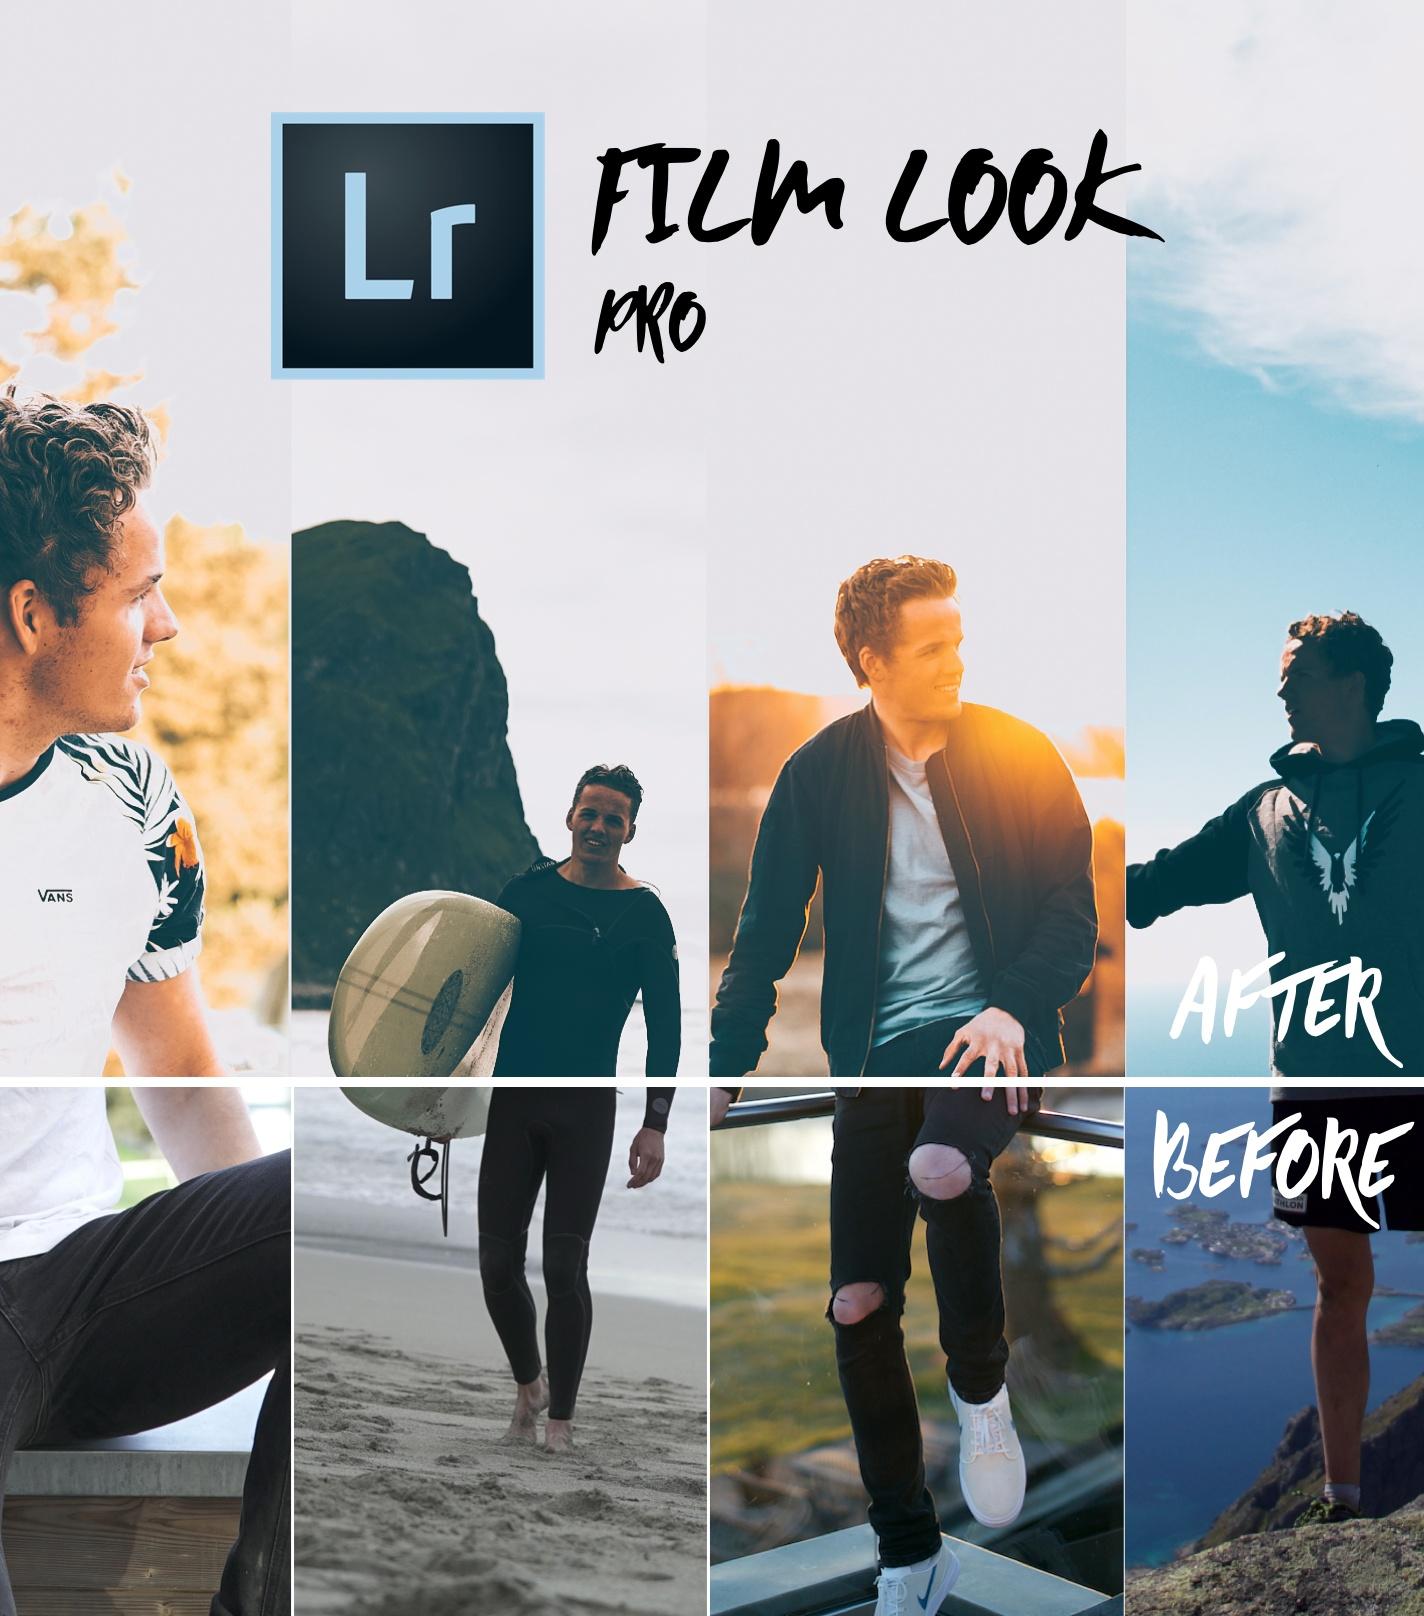 FILM LOOK PRO - 20 Lightroom Smart Presets // INSTANTLY UP YOUR INSTAGRAM GAME